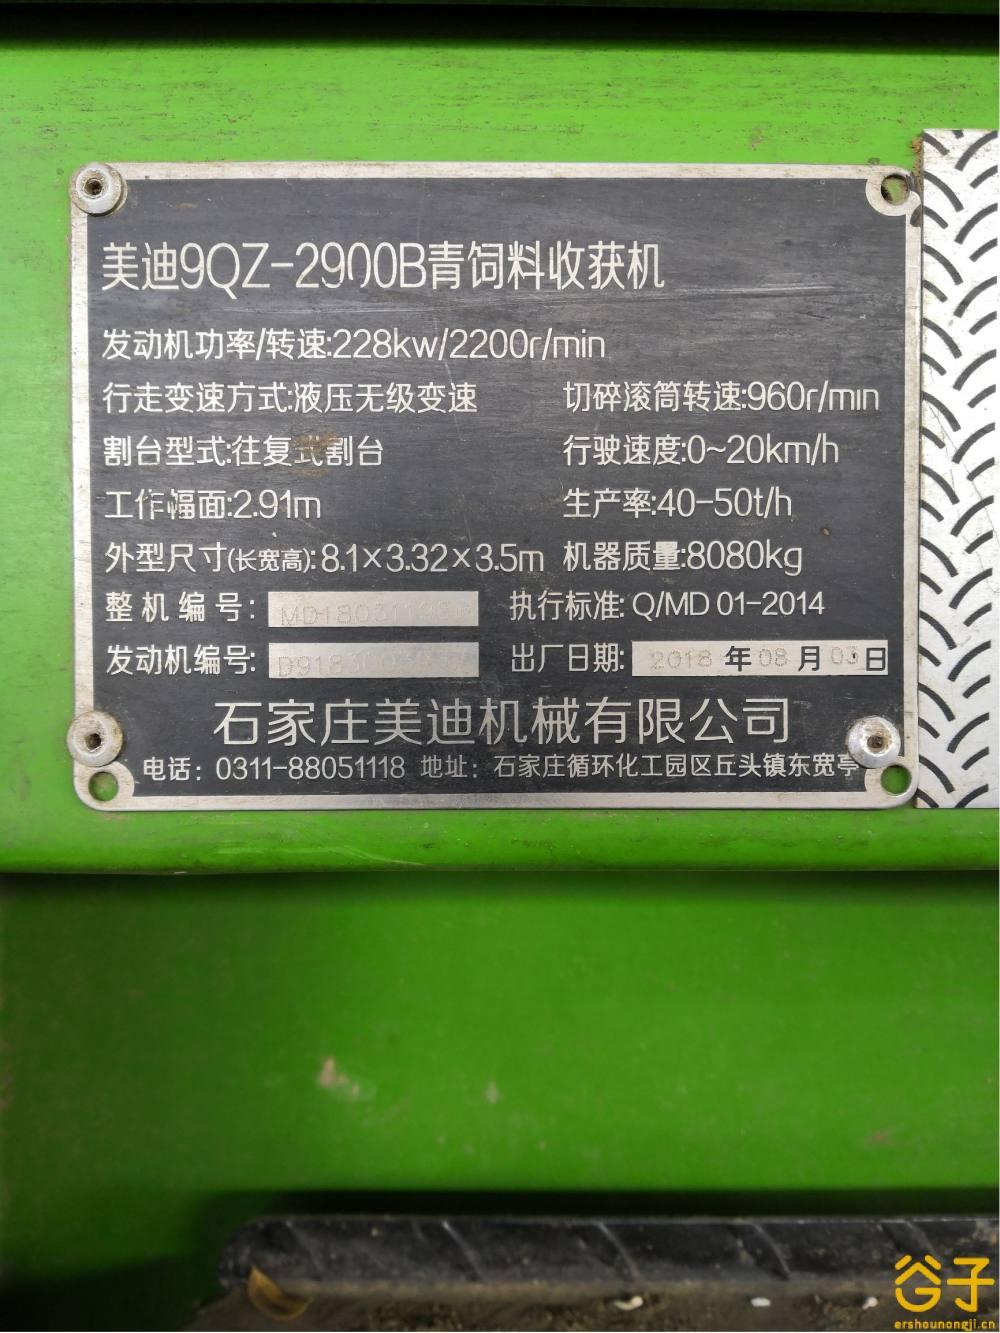 美迪2900B青储机